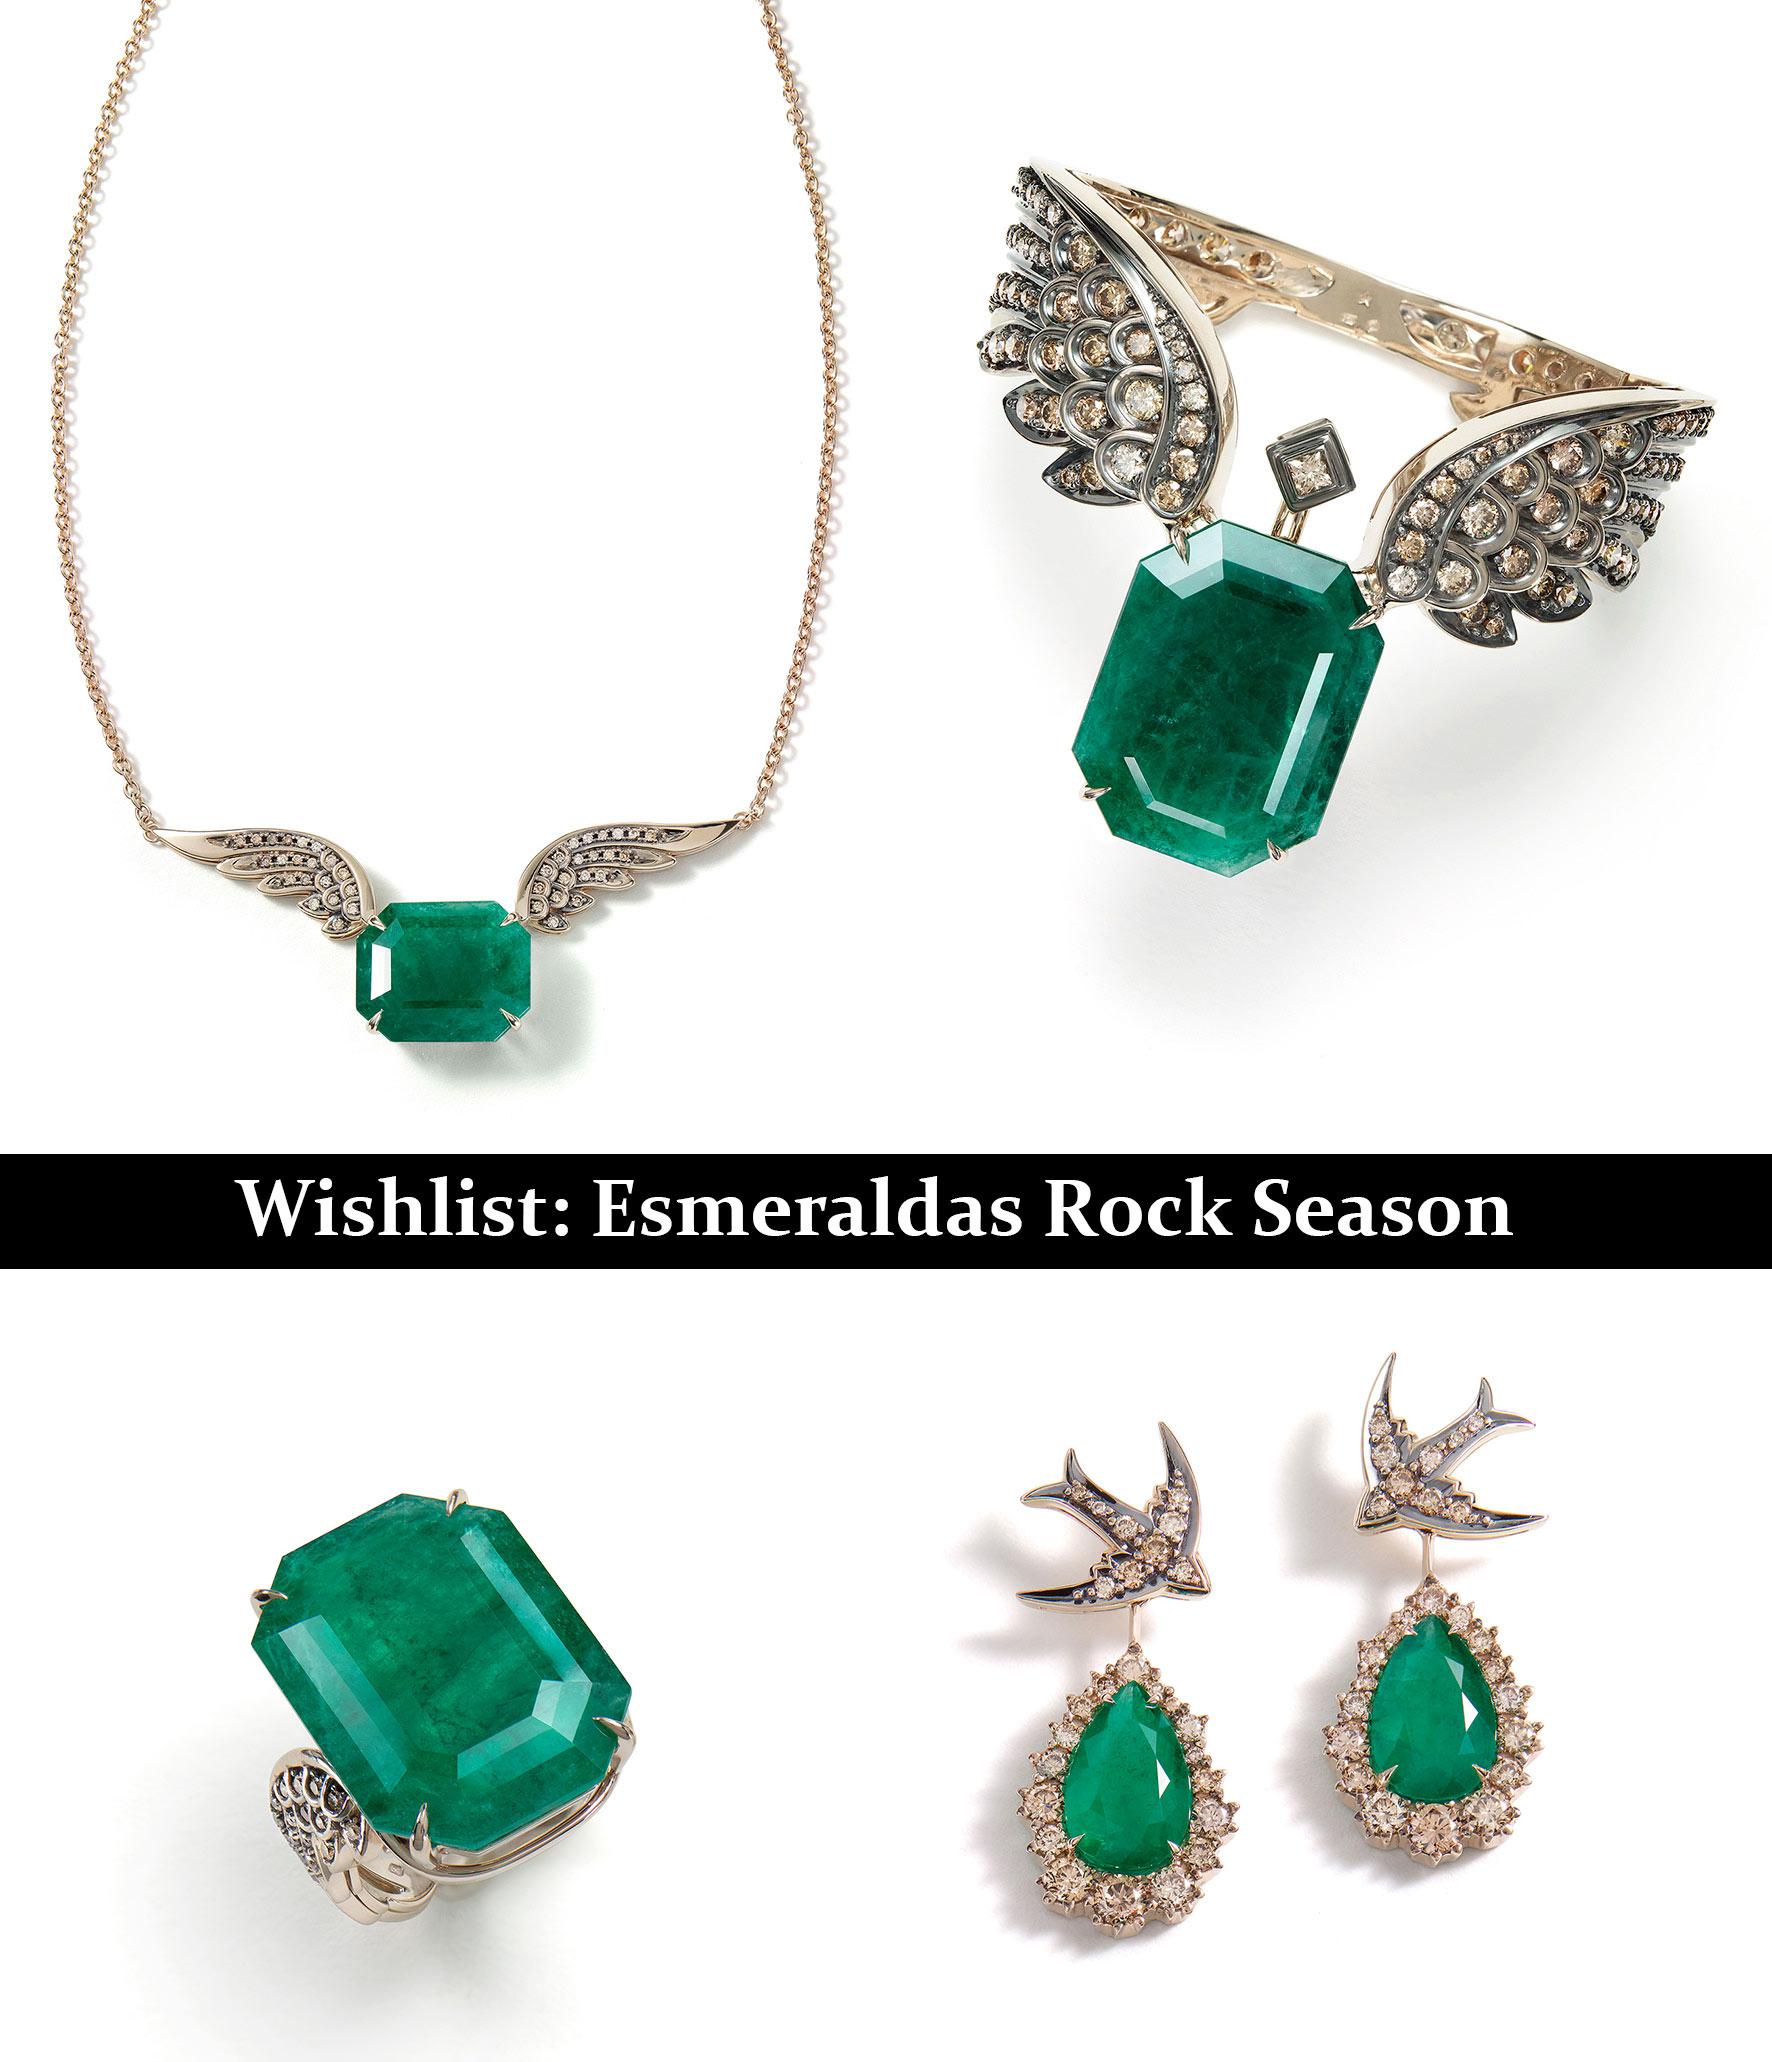 Em sentido horário: pendente, bracelete, brincos e anel Rock Fall de Ouro Nobre com esmeraldas e diamantes cognac